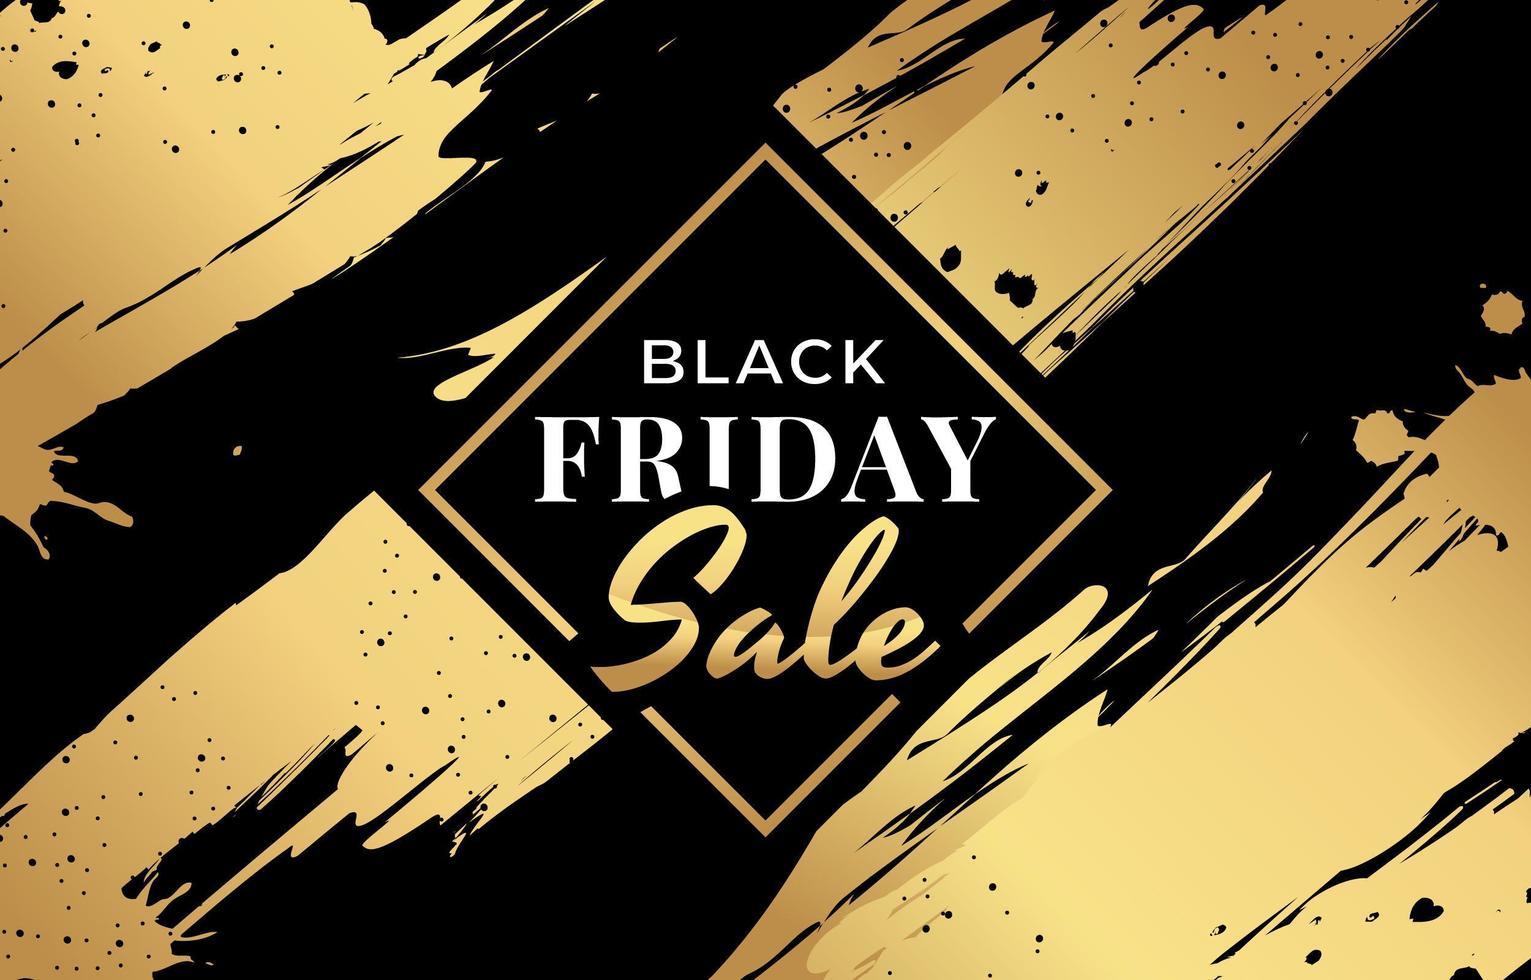 esthétique noir et or pour la vente du vendredi noir vecteur